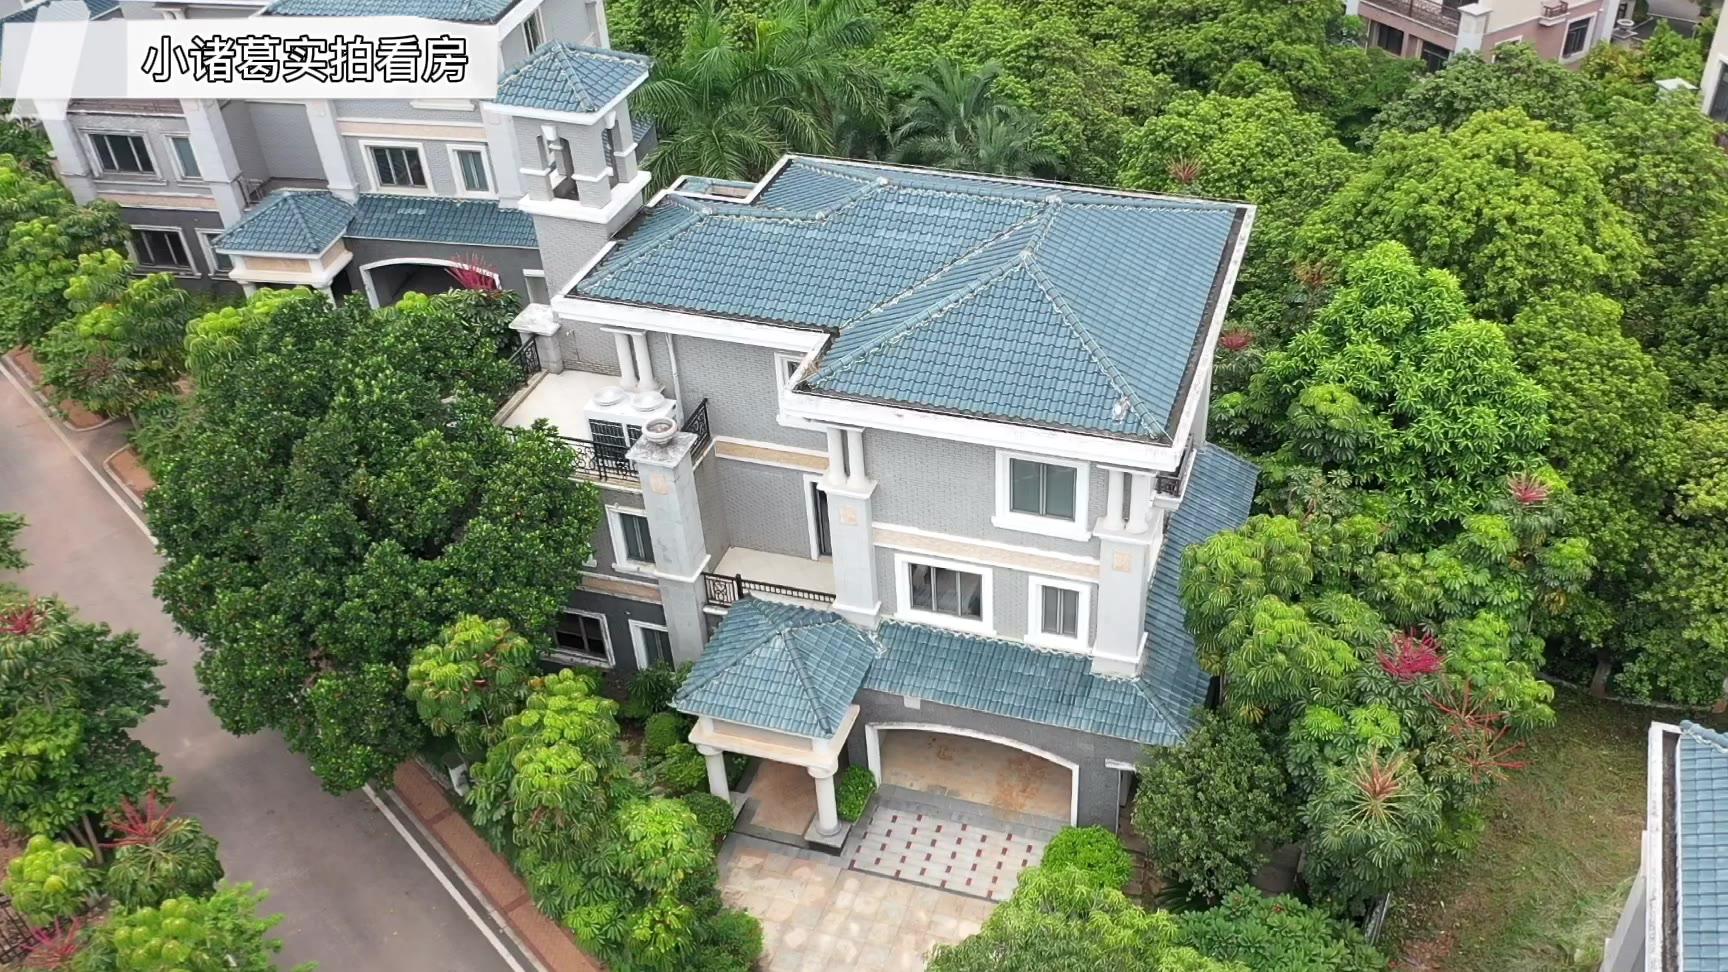 广州低密度大宅:占地面积1000㎡独栋,这才是别墅应该有的样子。